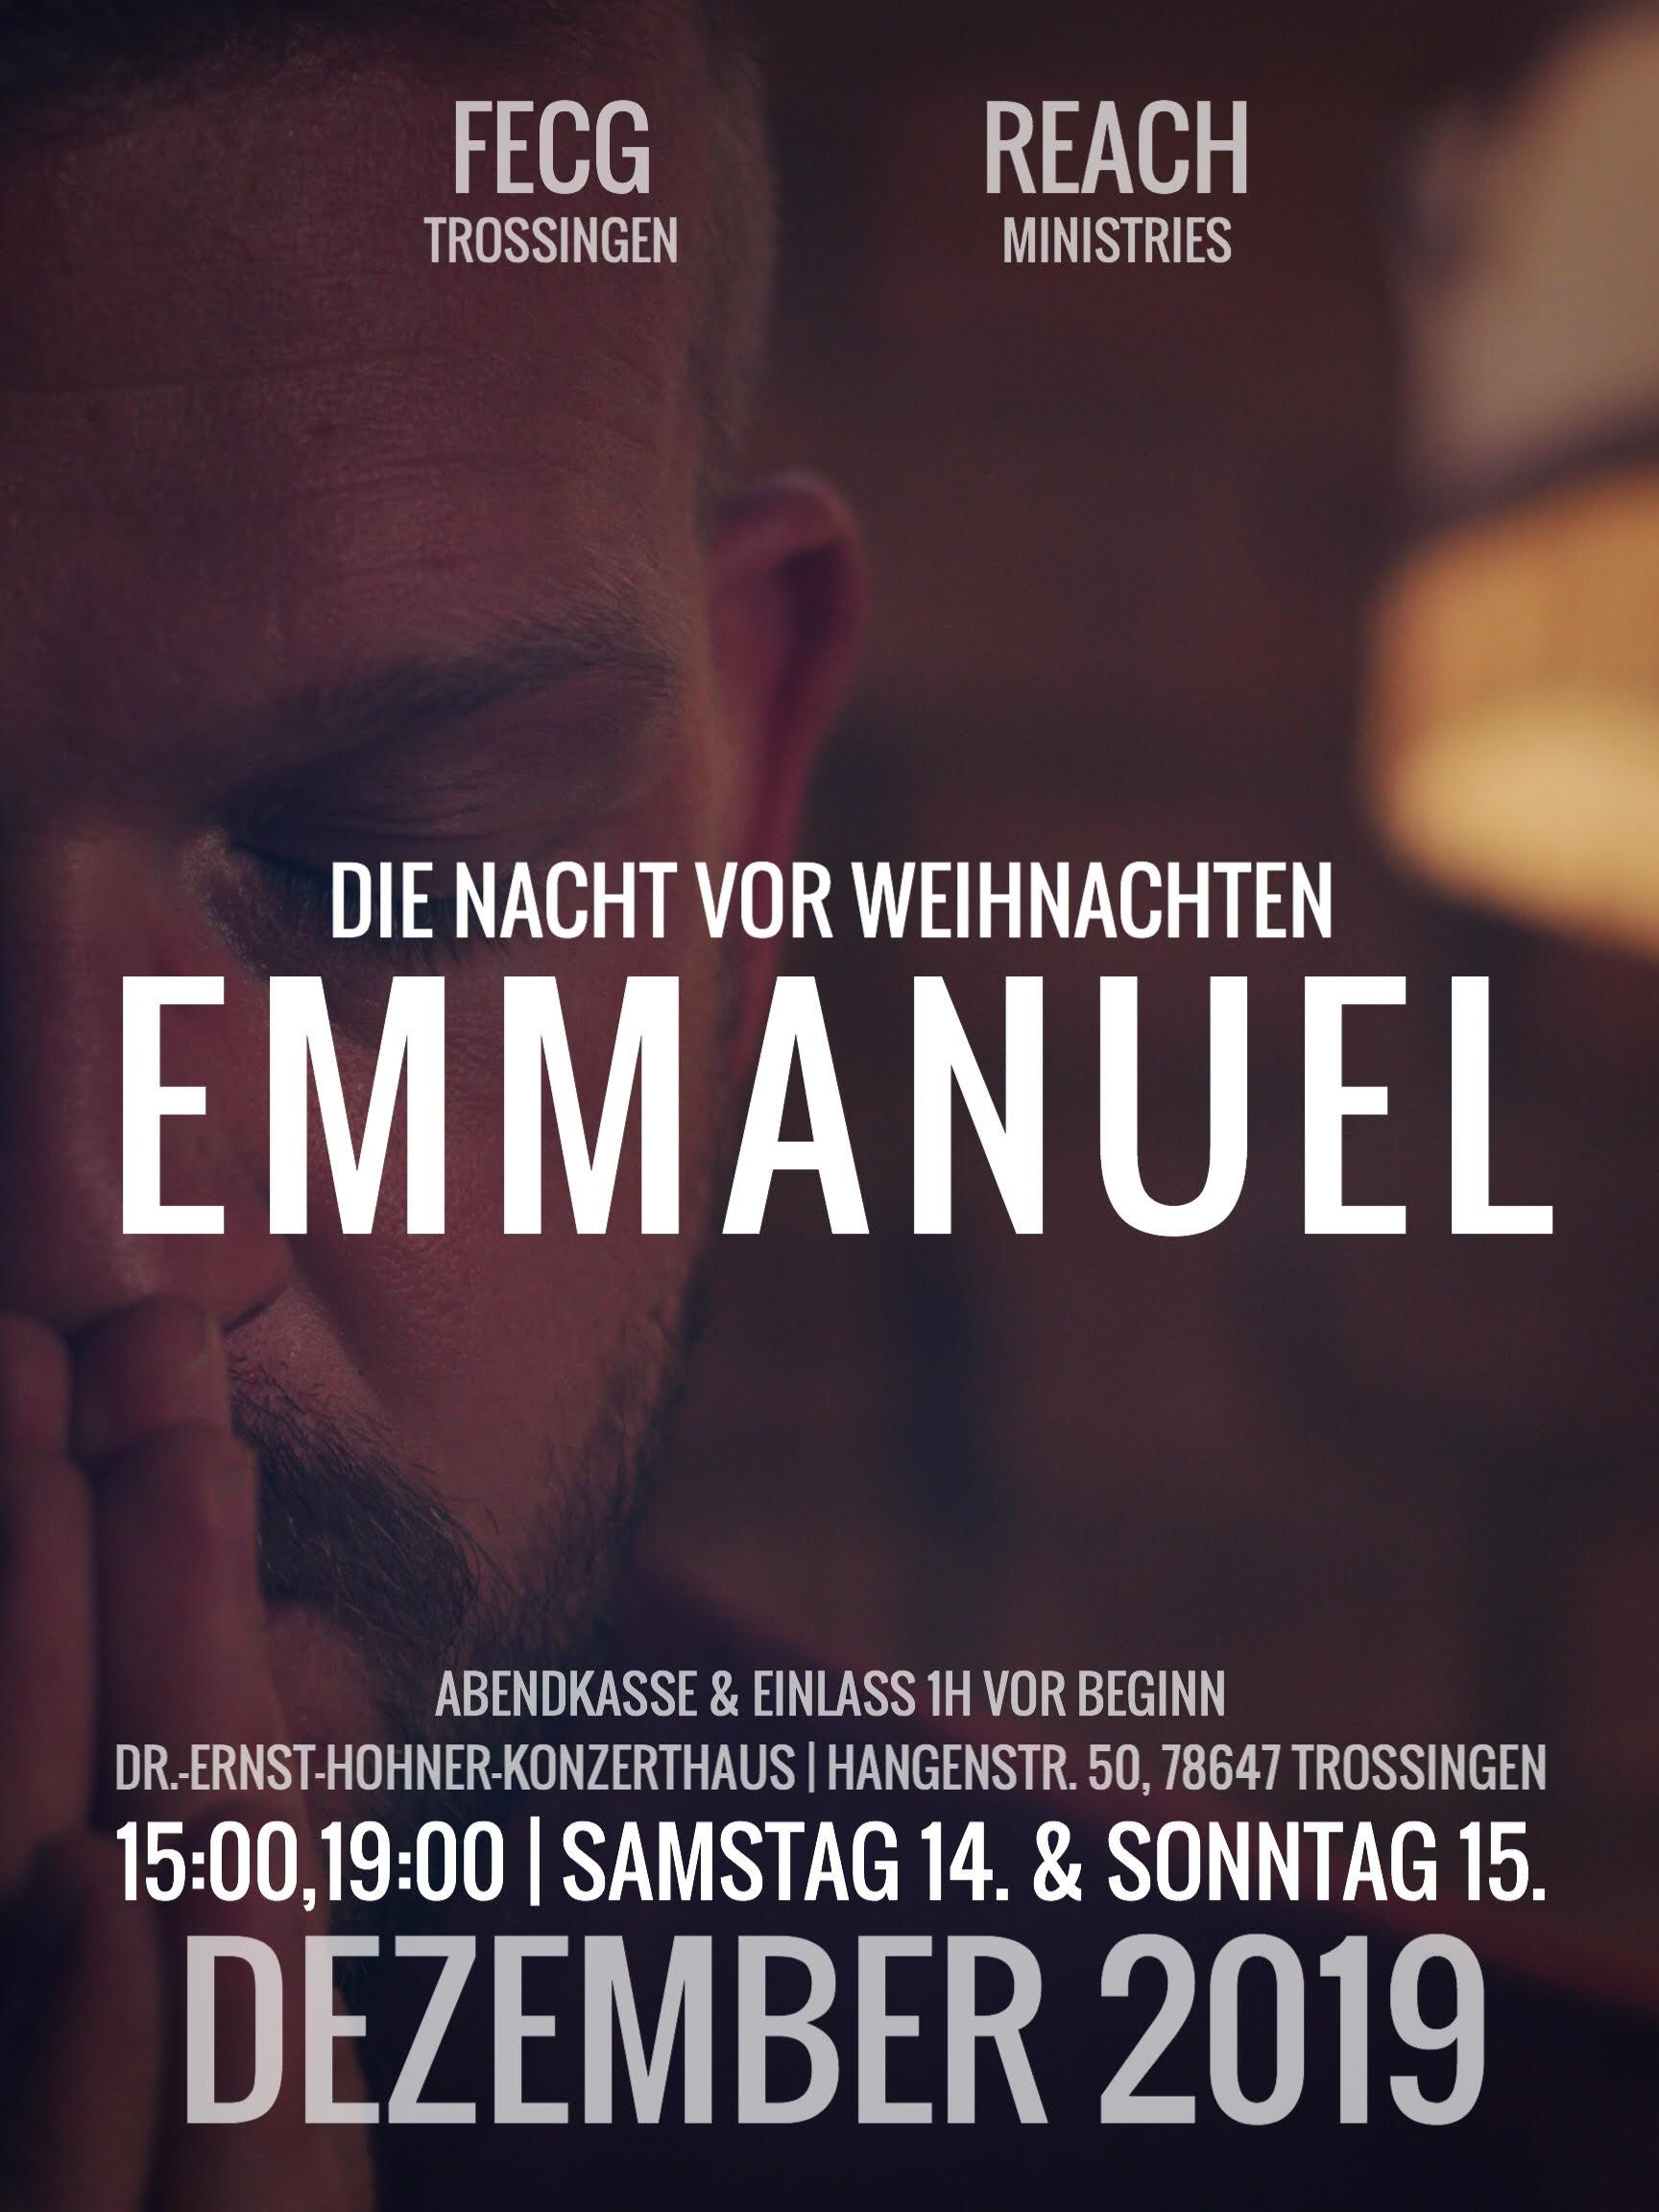 EMMANUEL - Samstag 15:00 Uhr